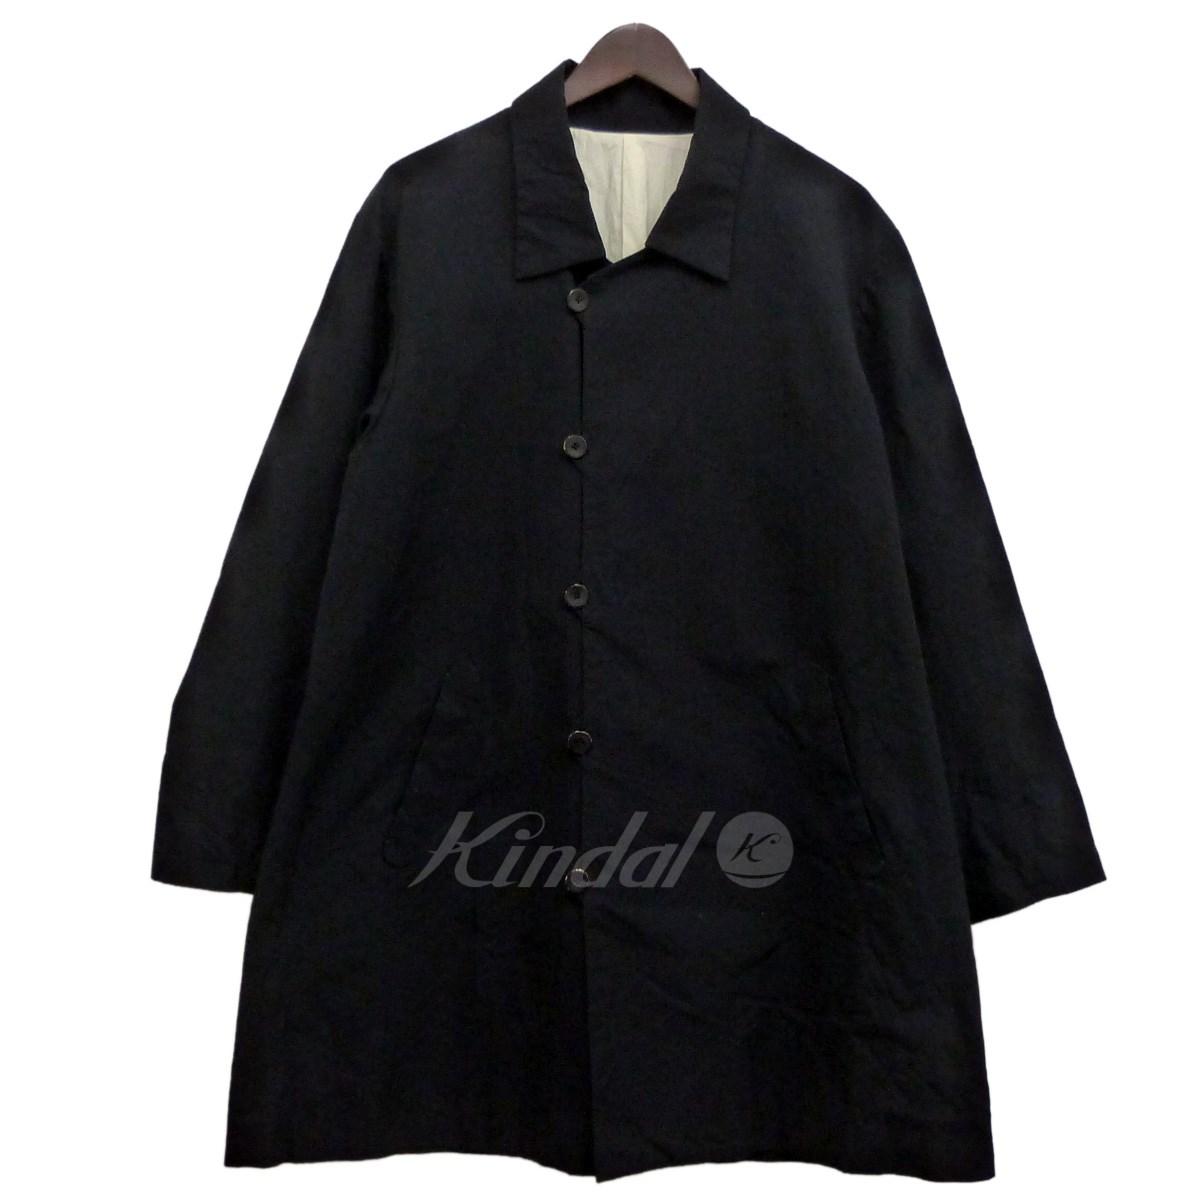 【中古】Araki Yuu 「Soutien Collar Coat」コットンステンカラーコート ブラック サイズ:1 【送料無料】 【201018】(アラキユウ)